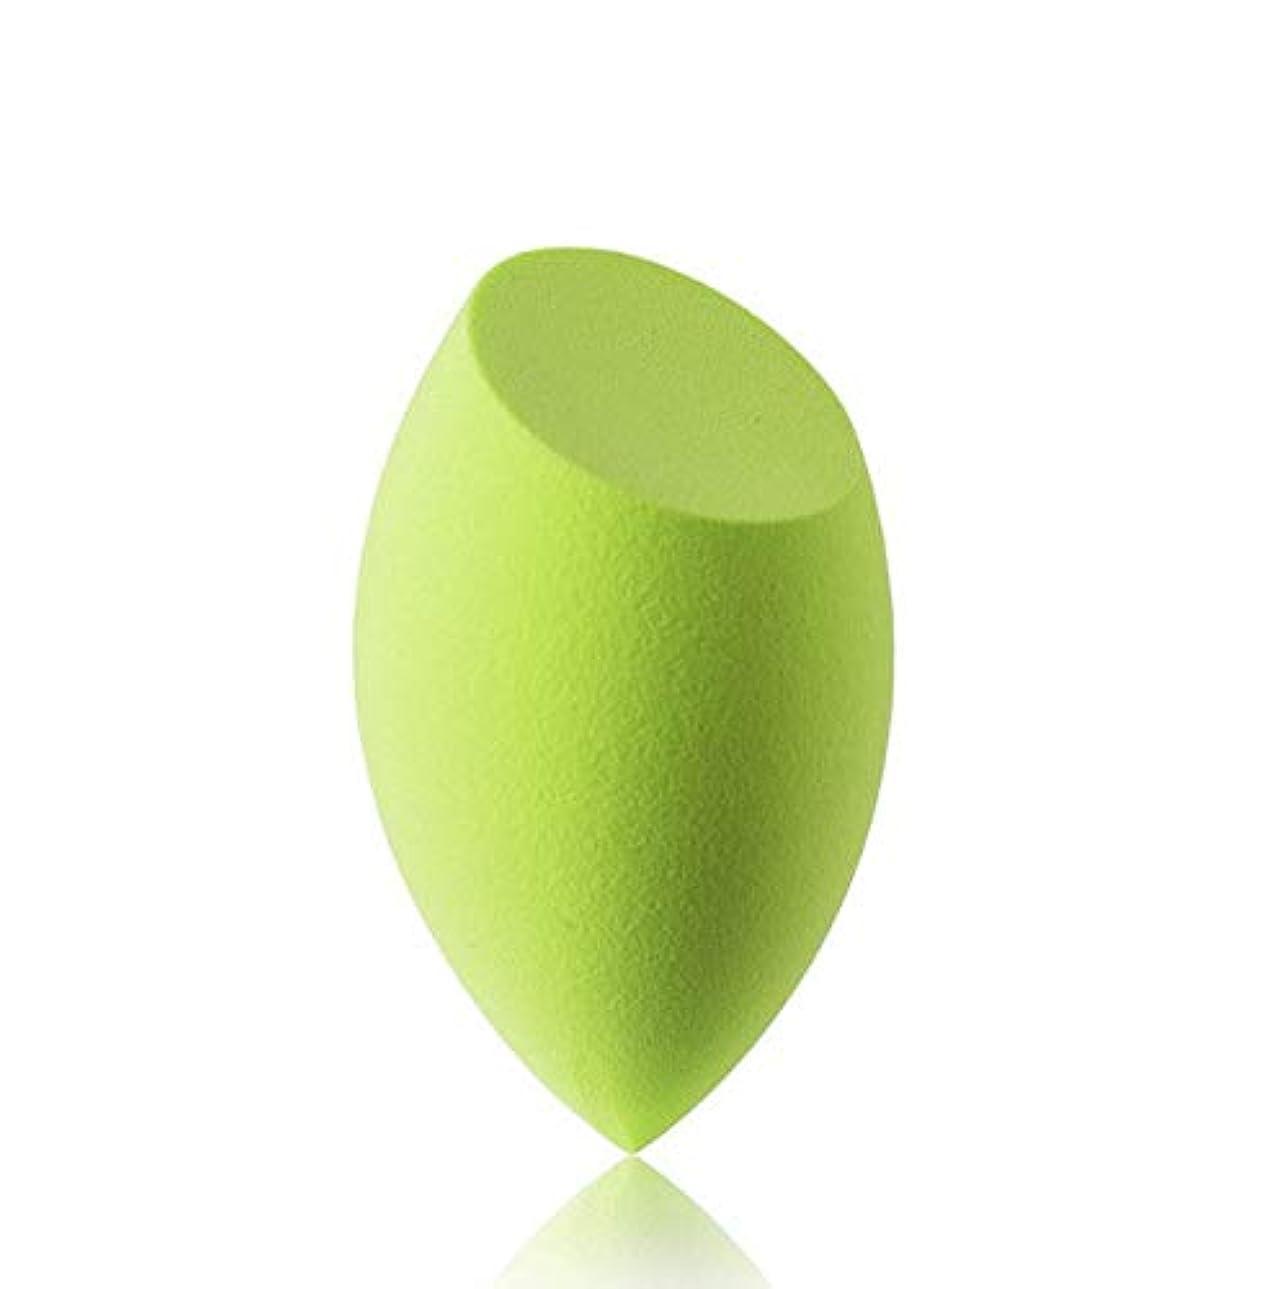 なぜ品揃え願望美容スポンジ、ソフトブルー、グリーン美容エッグメイクブレンダーファンデーションスポンジ (Color : グリンー)